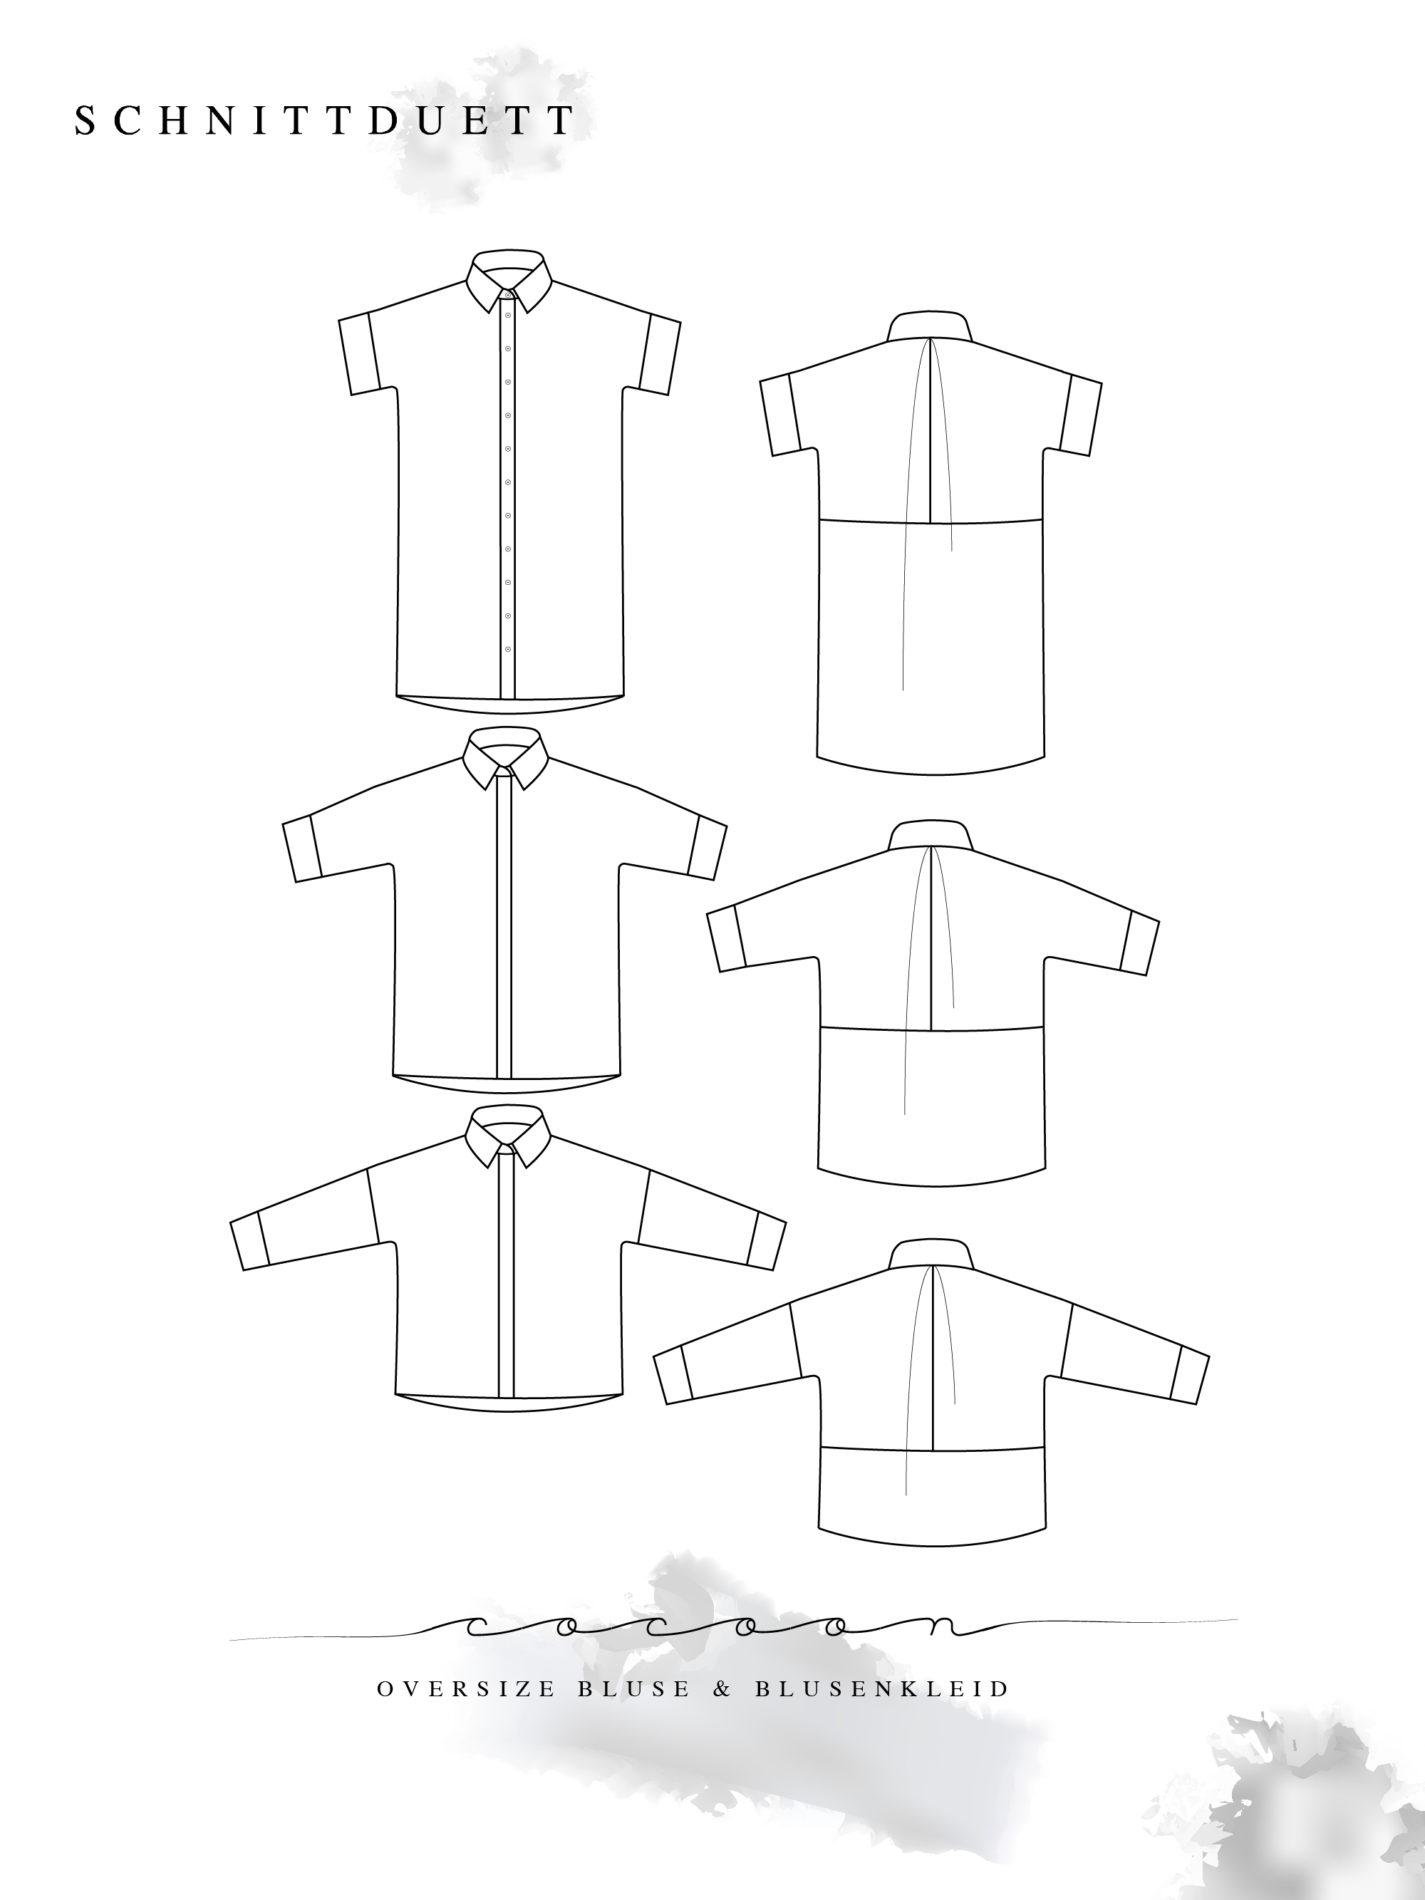 Bluse und Blusenkleid nähen: Schnittmuster Oversize Bluse und Blusenkleid Cocoon - Schnittduett